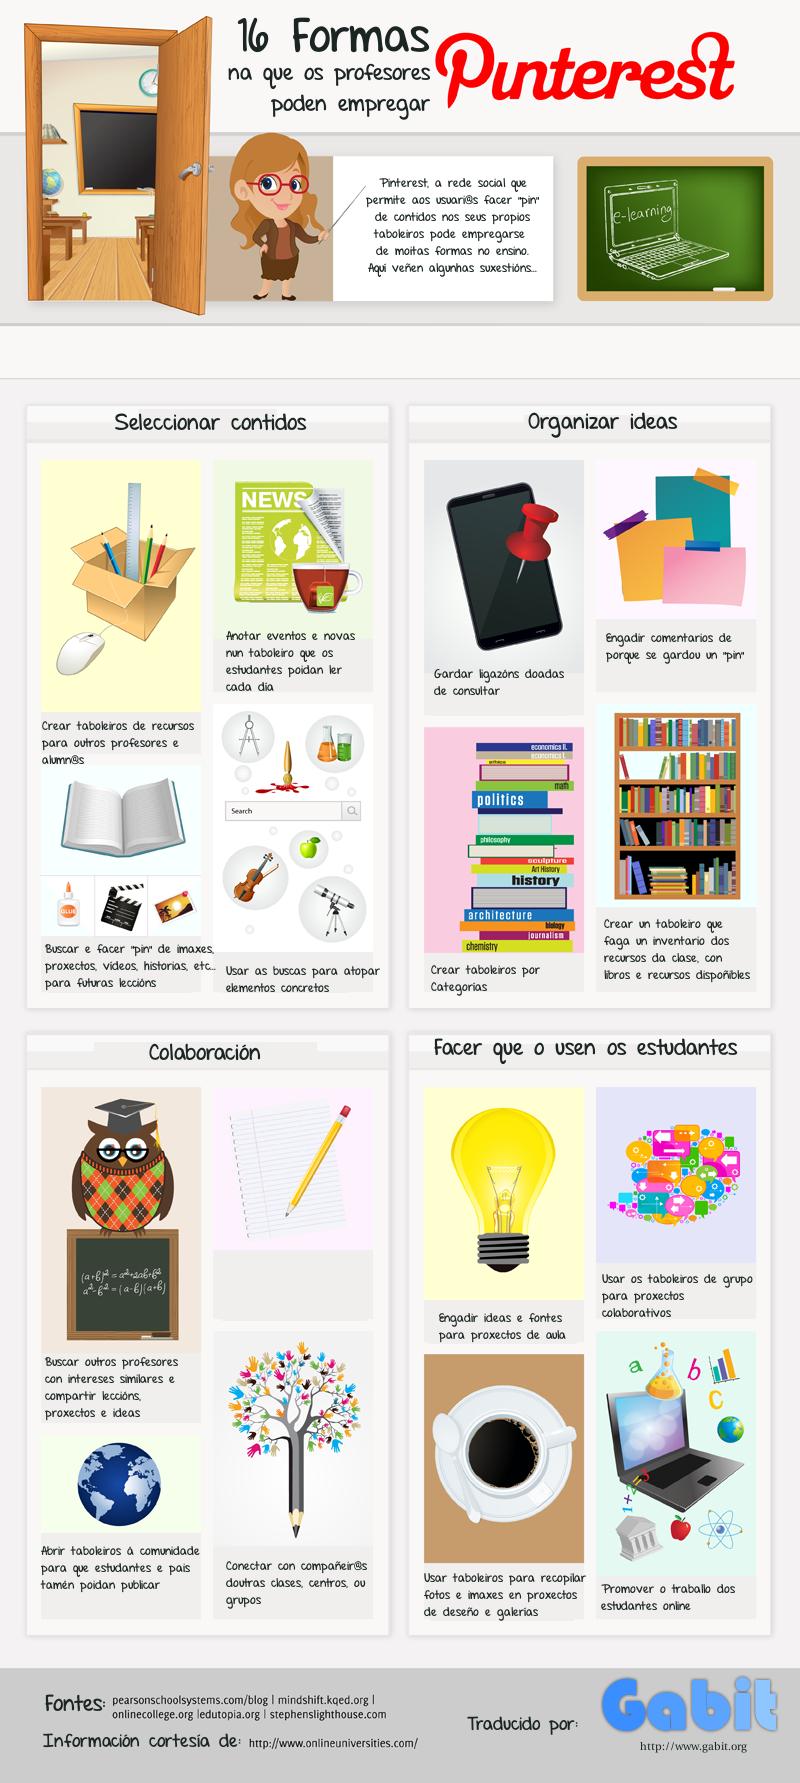 Infografía: 16 formas na que os profesores poden empregar Pinterest.